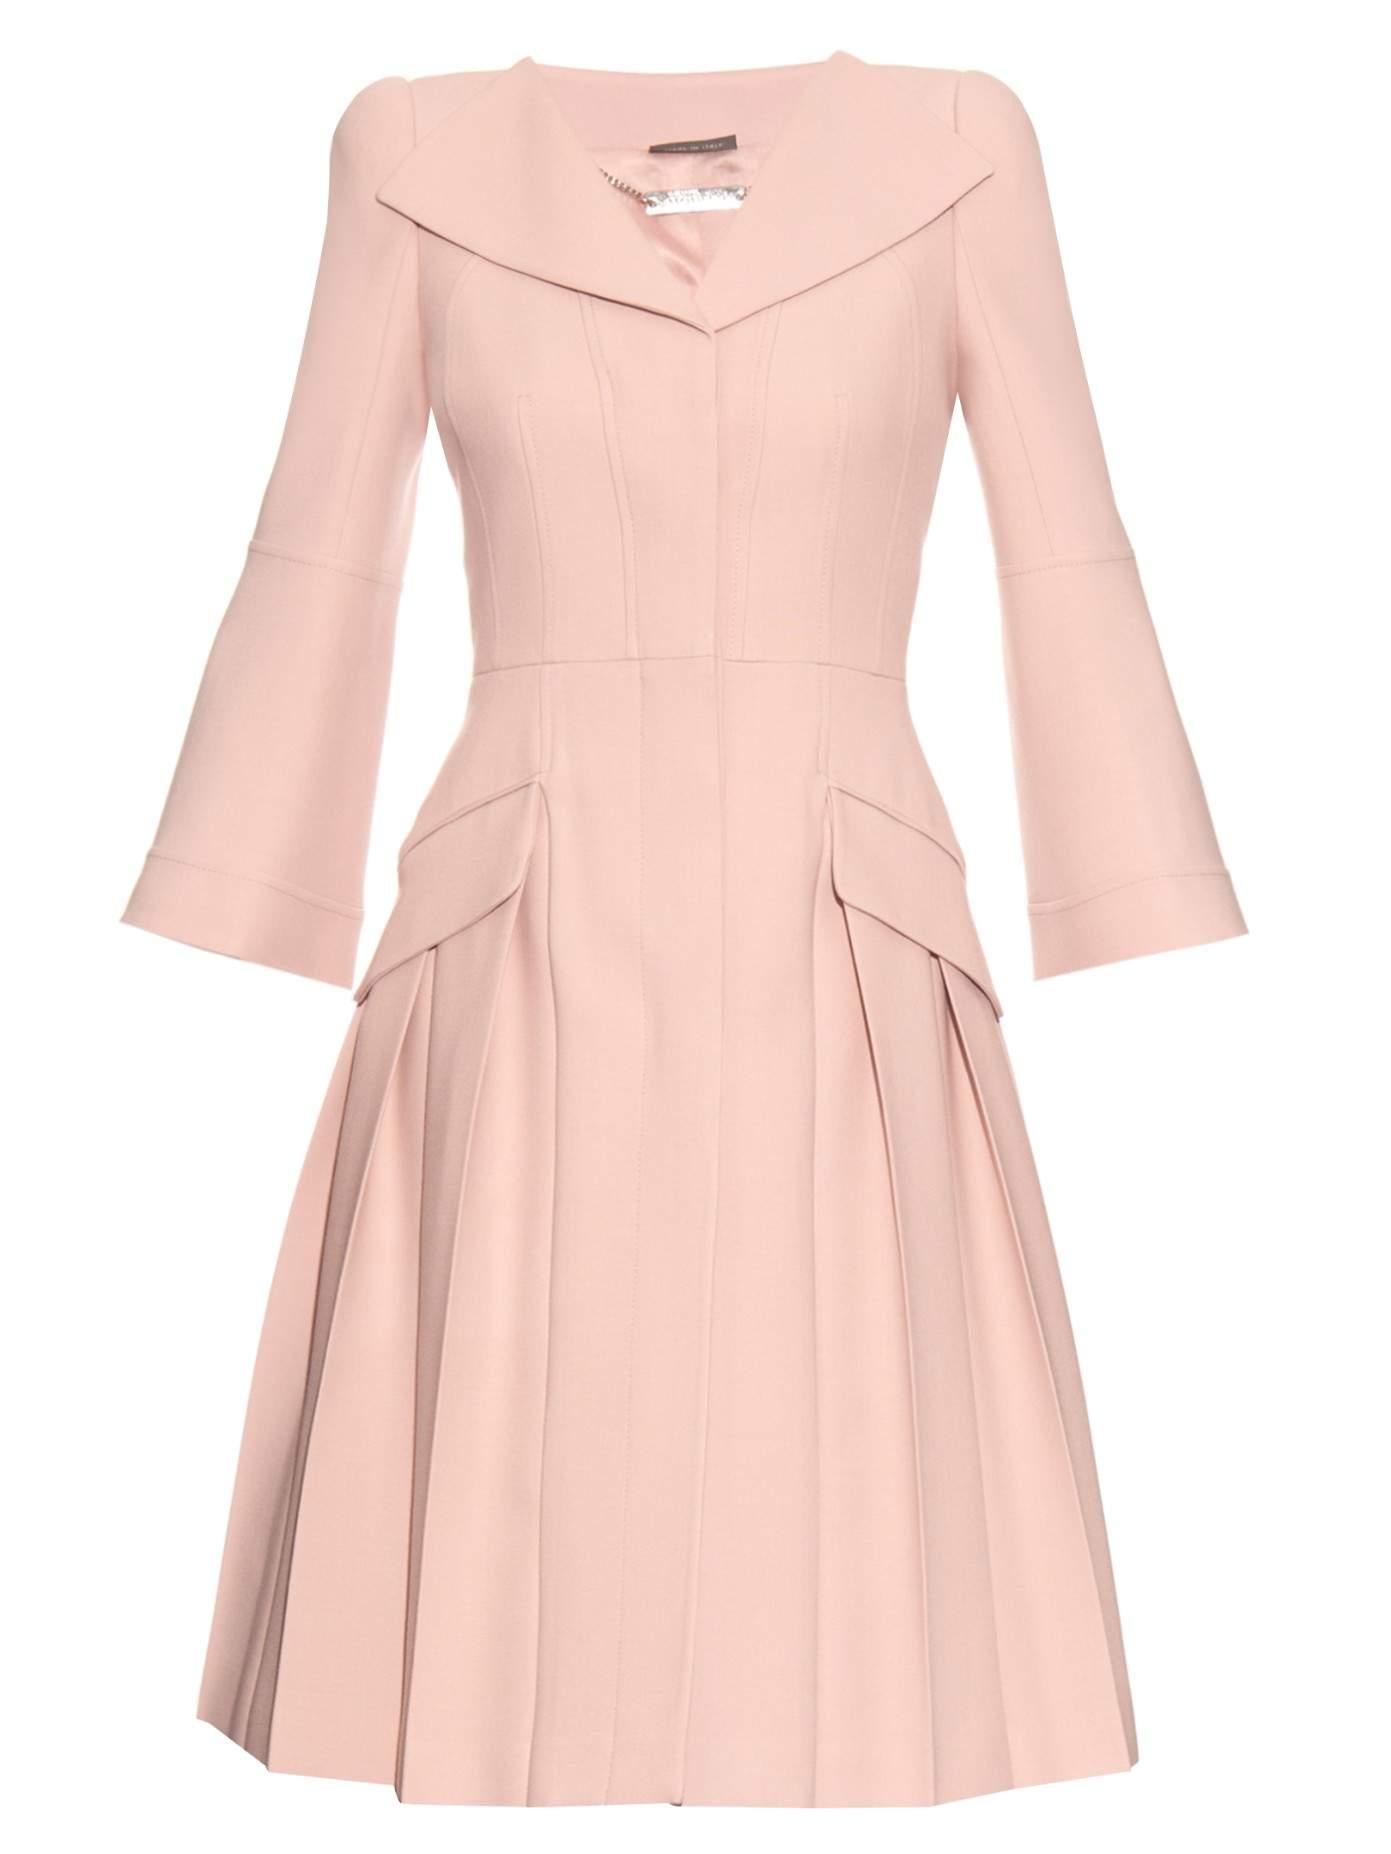 Alexander McQueen Pink Coat